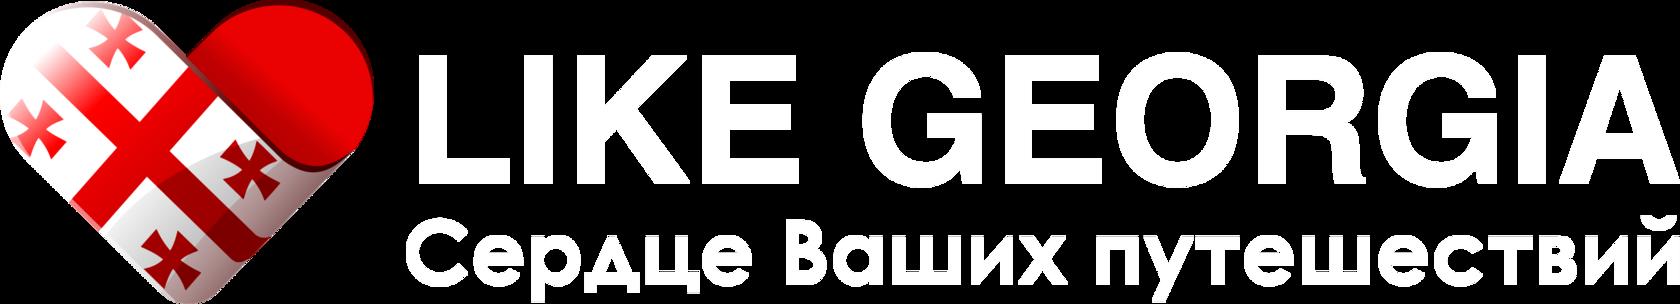 Like Georgia